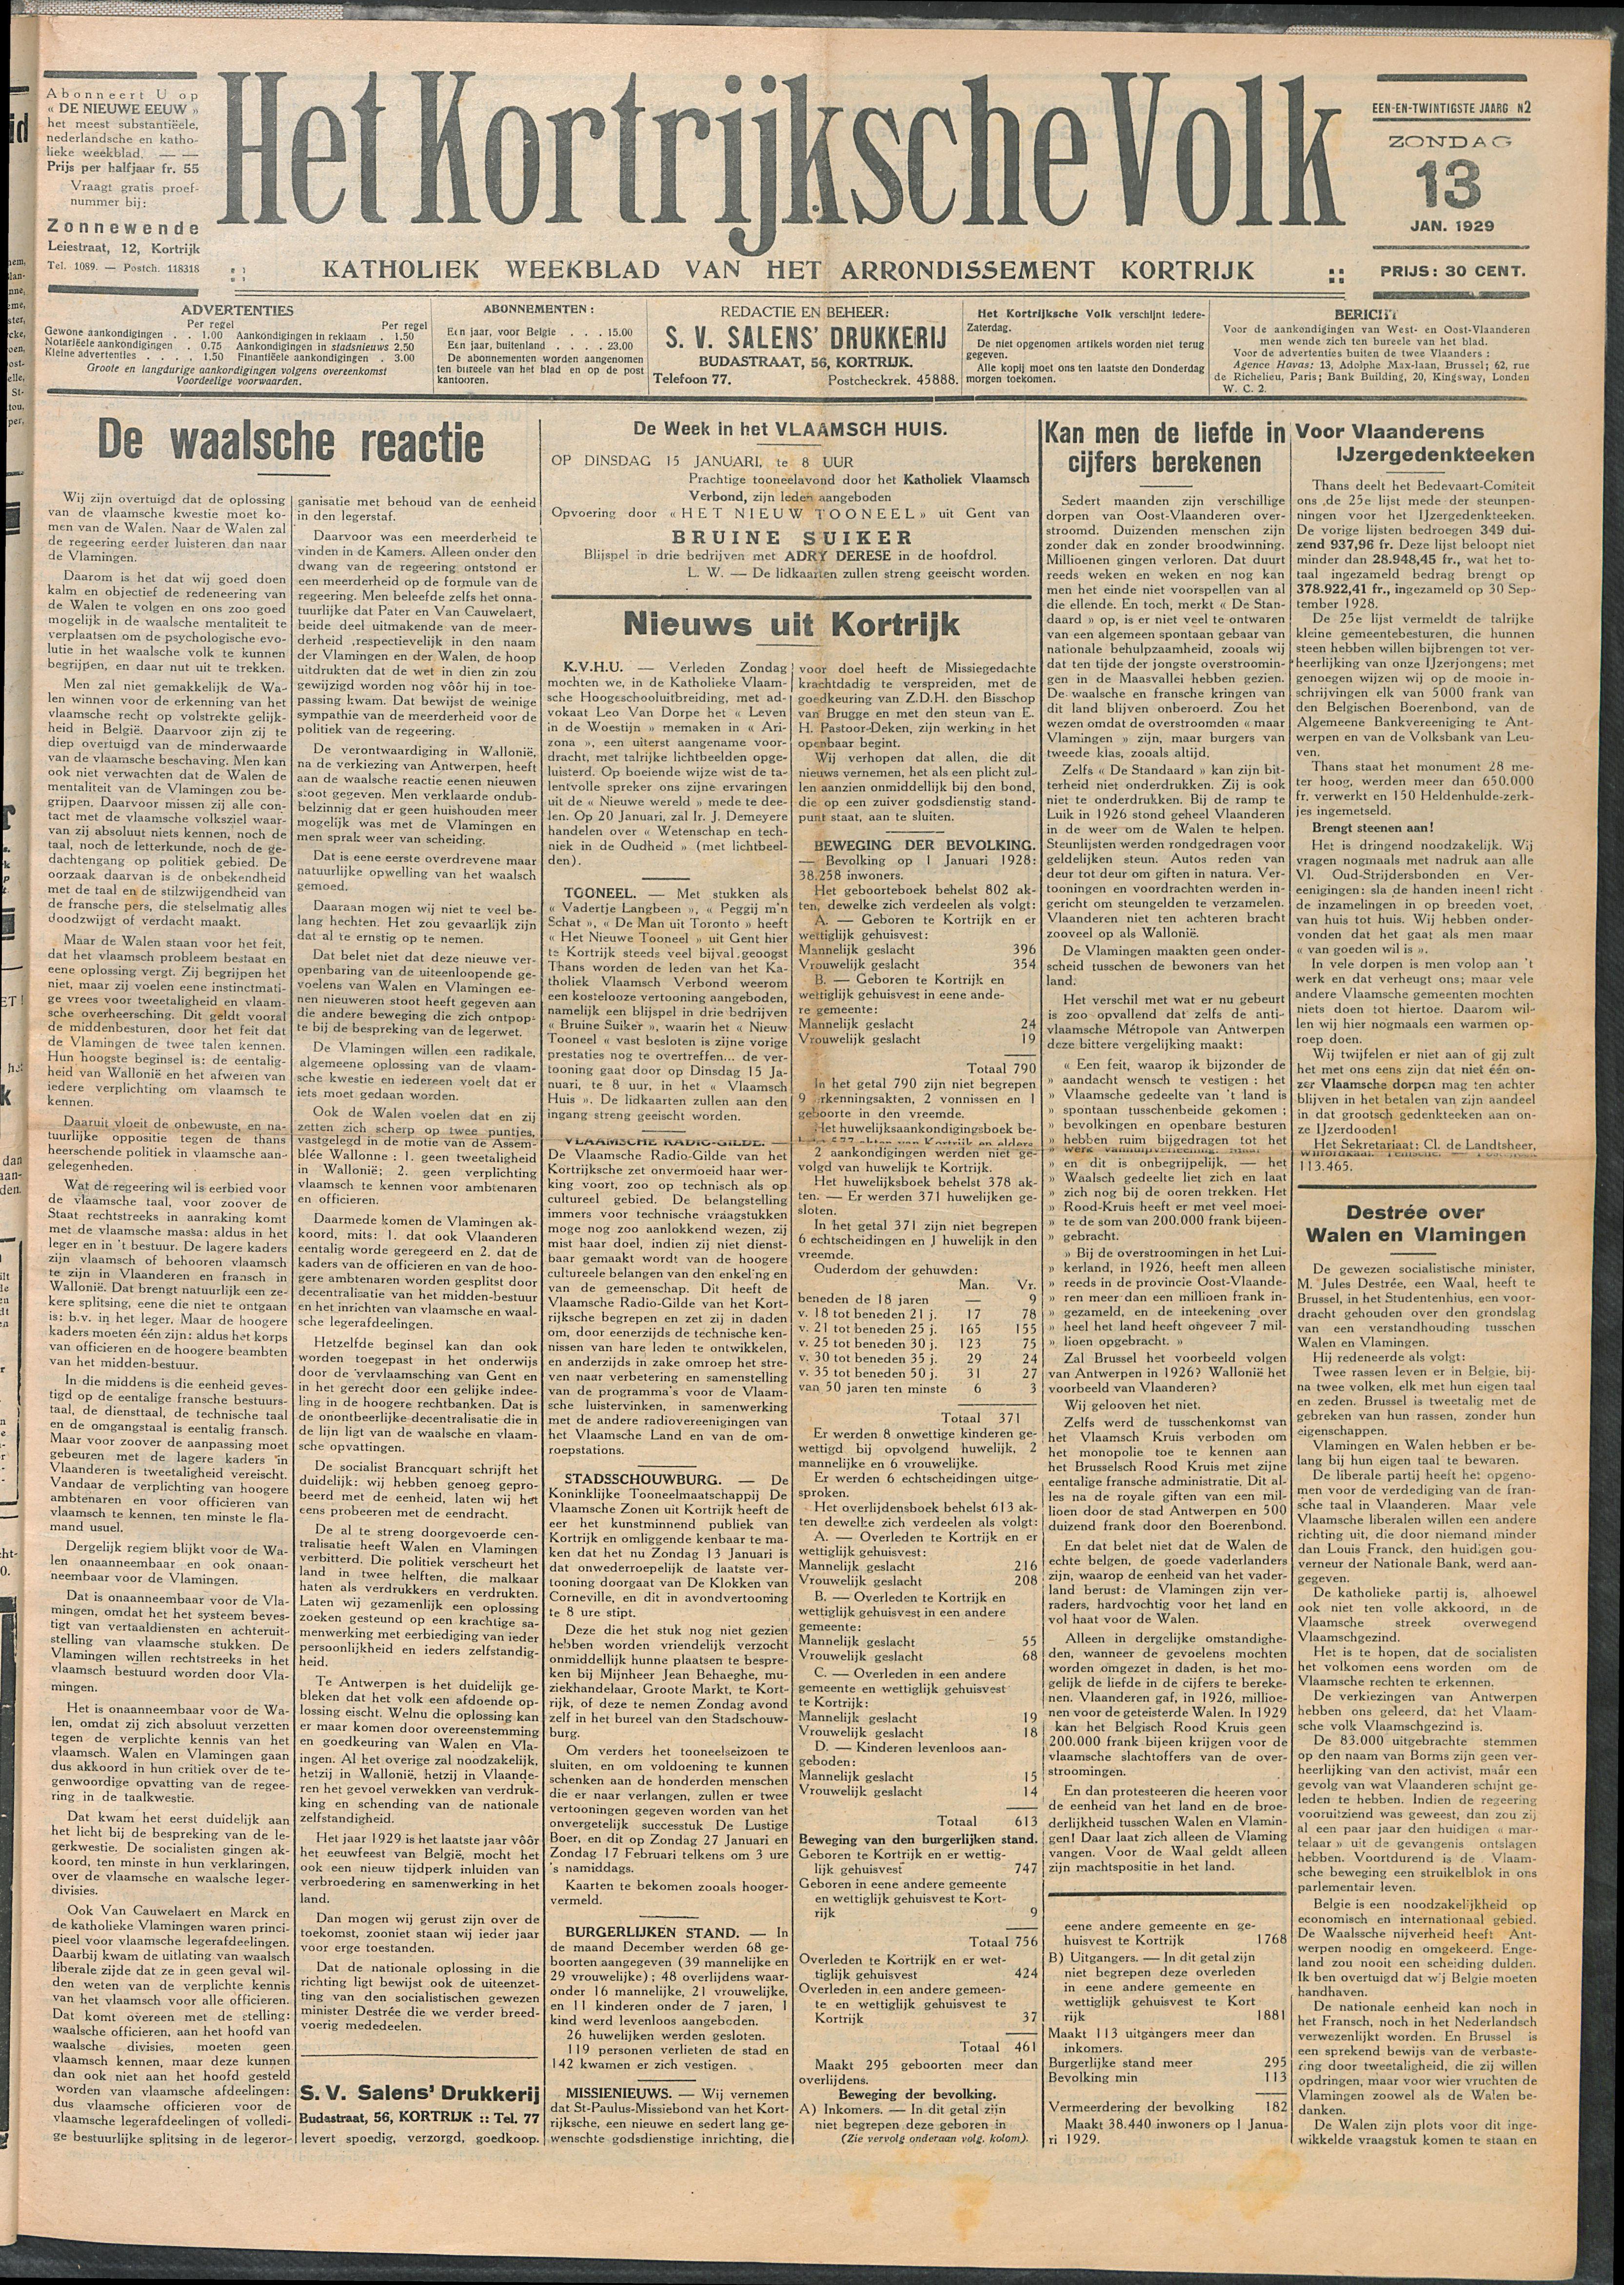 Het Kortrijksche Volk 1929-01-13 p1